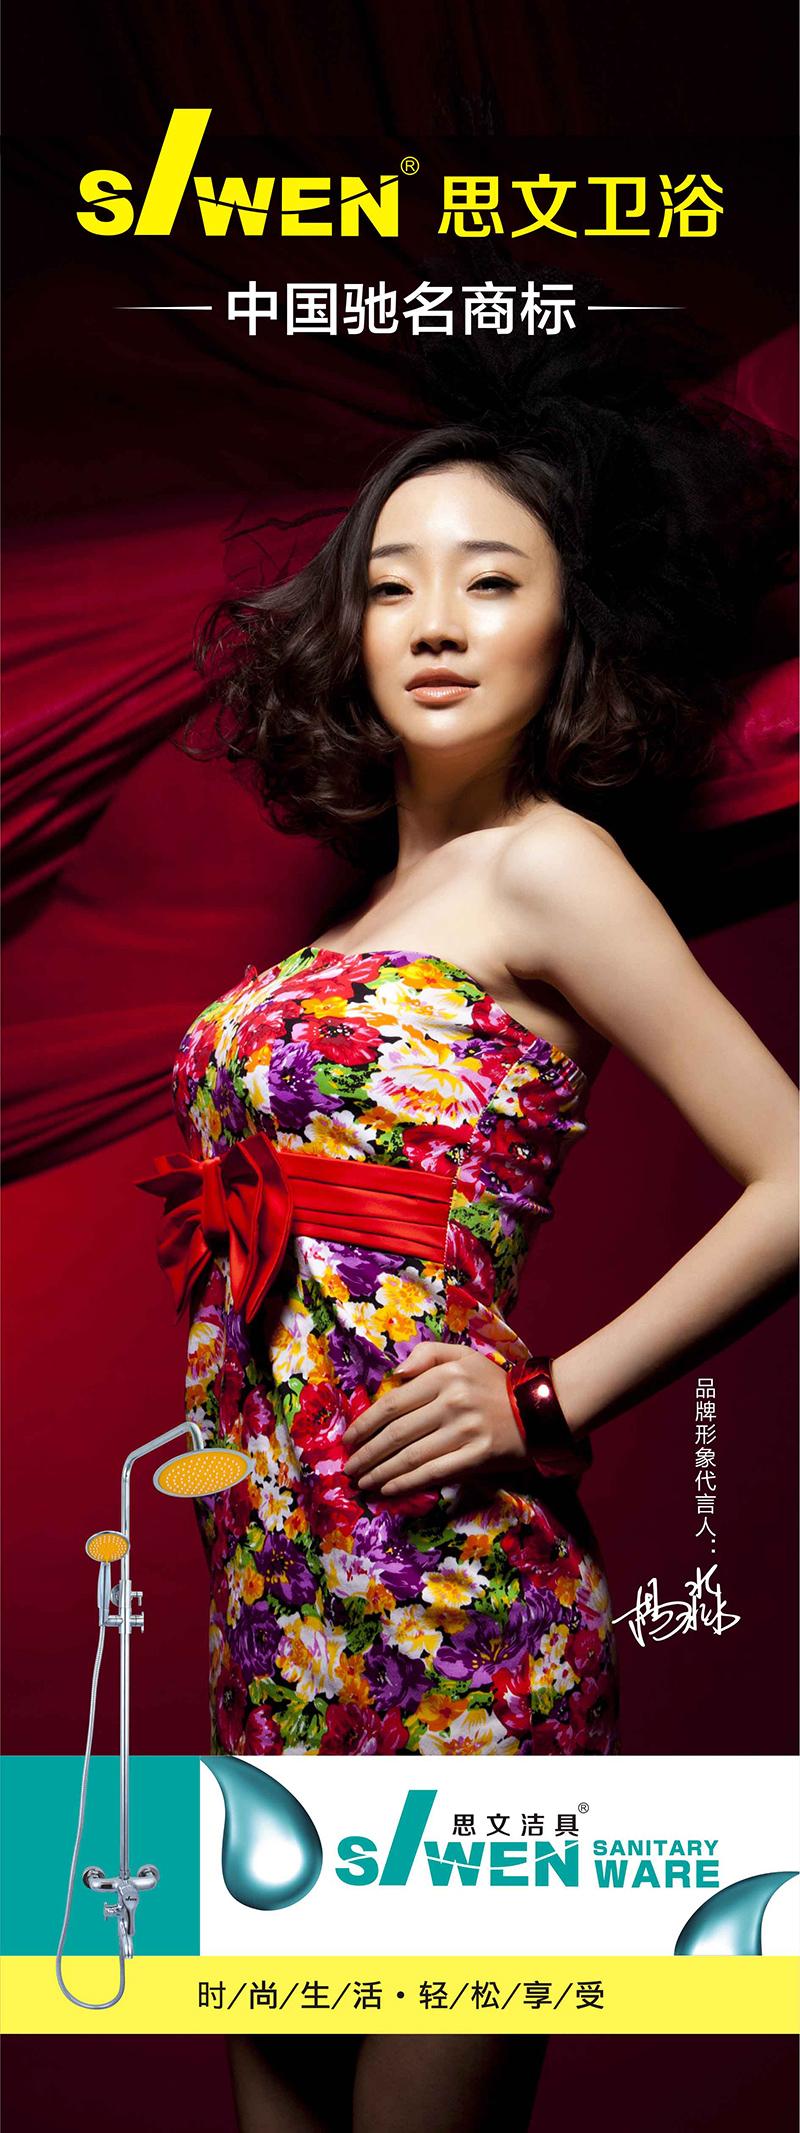 siwen-X-zhanjia